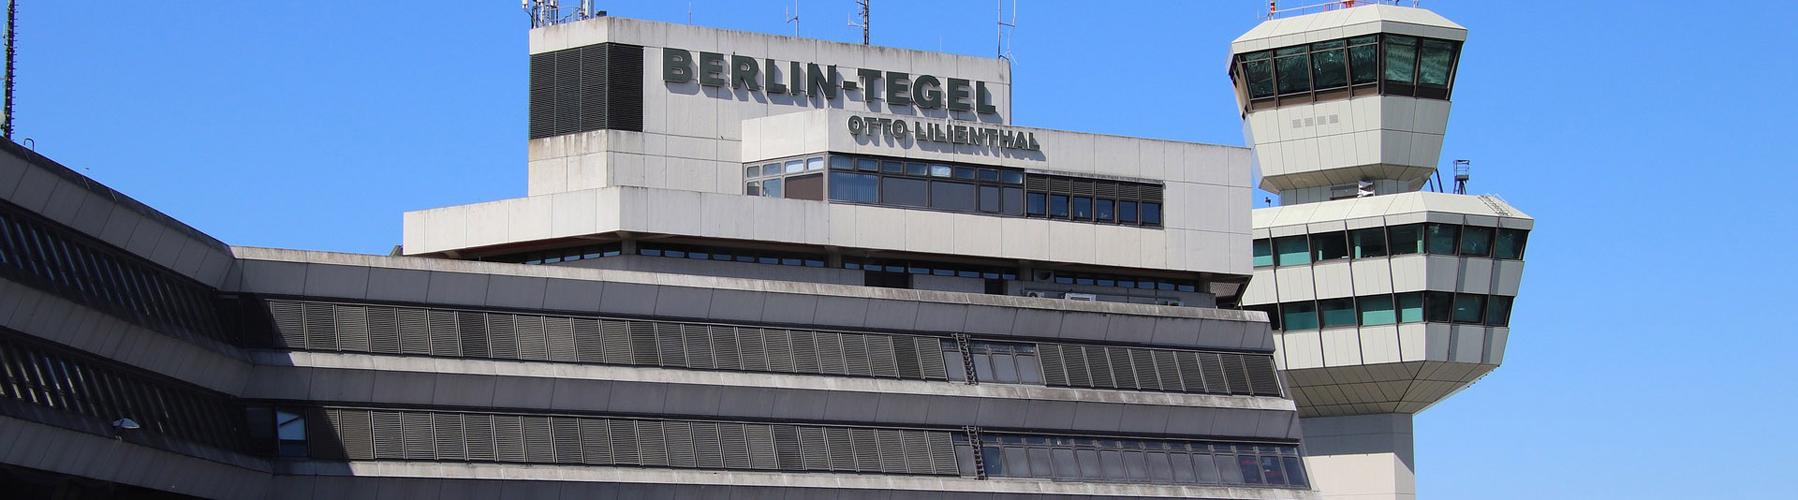 Berlin - Hostele w pobliżu: Lotnisko Berlin Tegel. Mapy: Berlin, Zdjęcia i Recenzje dla każdego hostelu w mieście: Berlin.